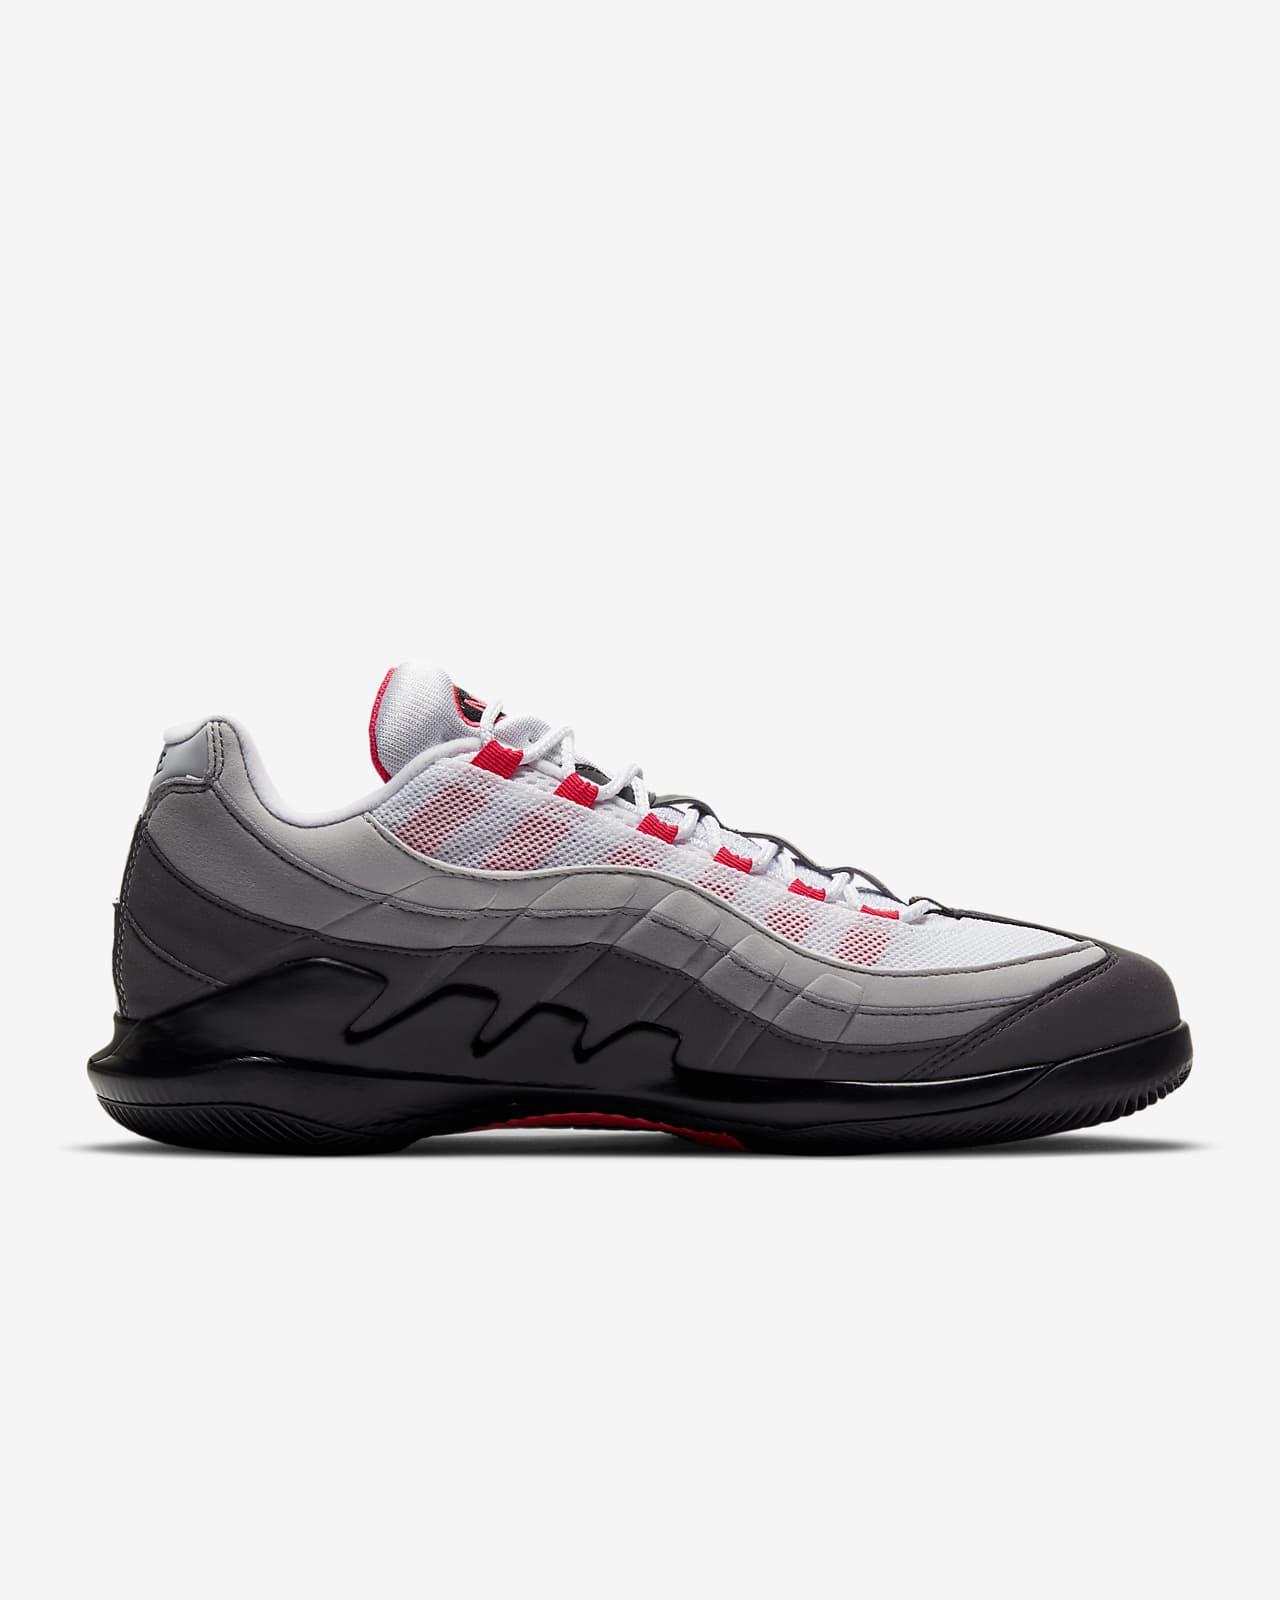 Algún día Mago ventilación  NikeCourt Zoom Vapor X Air Max 95 Men's Tennis Shoe. Nike.com